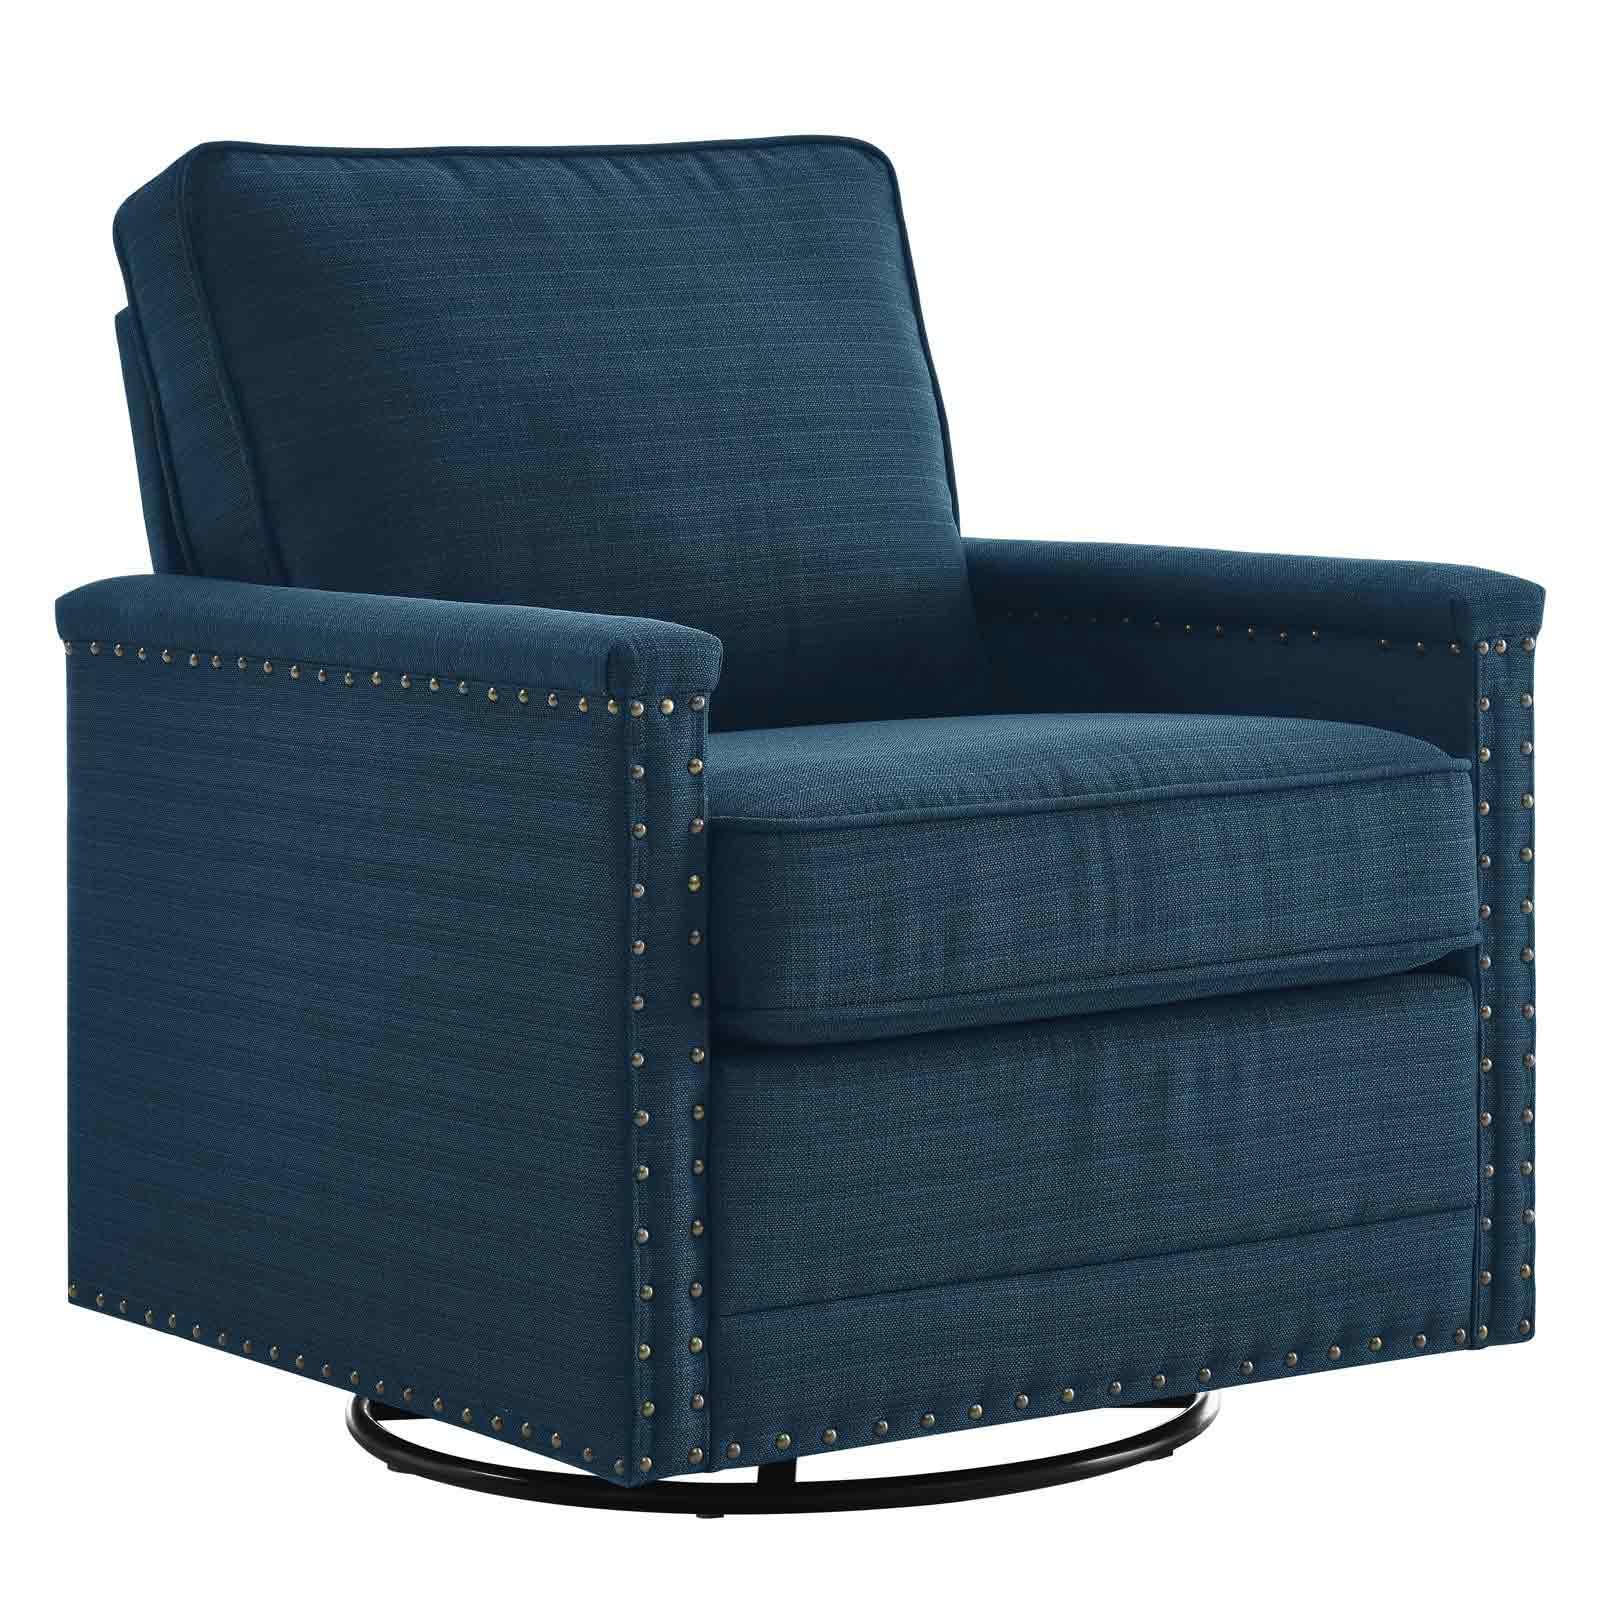 Ashton Upholstered Fabric Swivel Chair